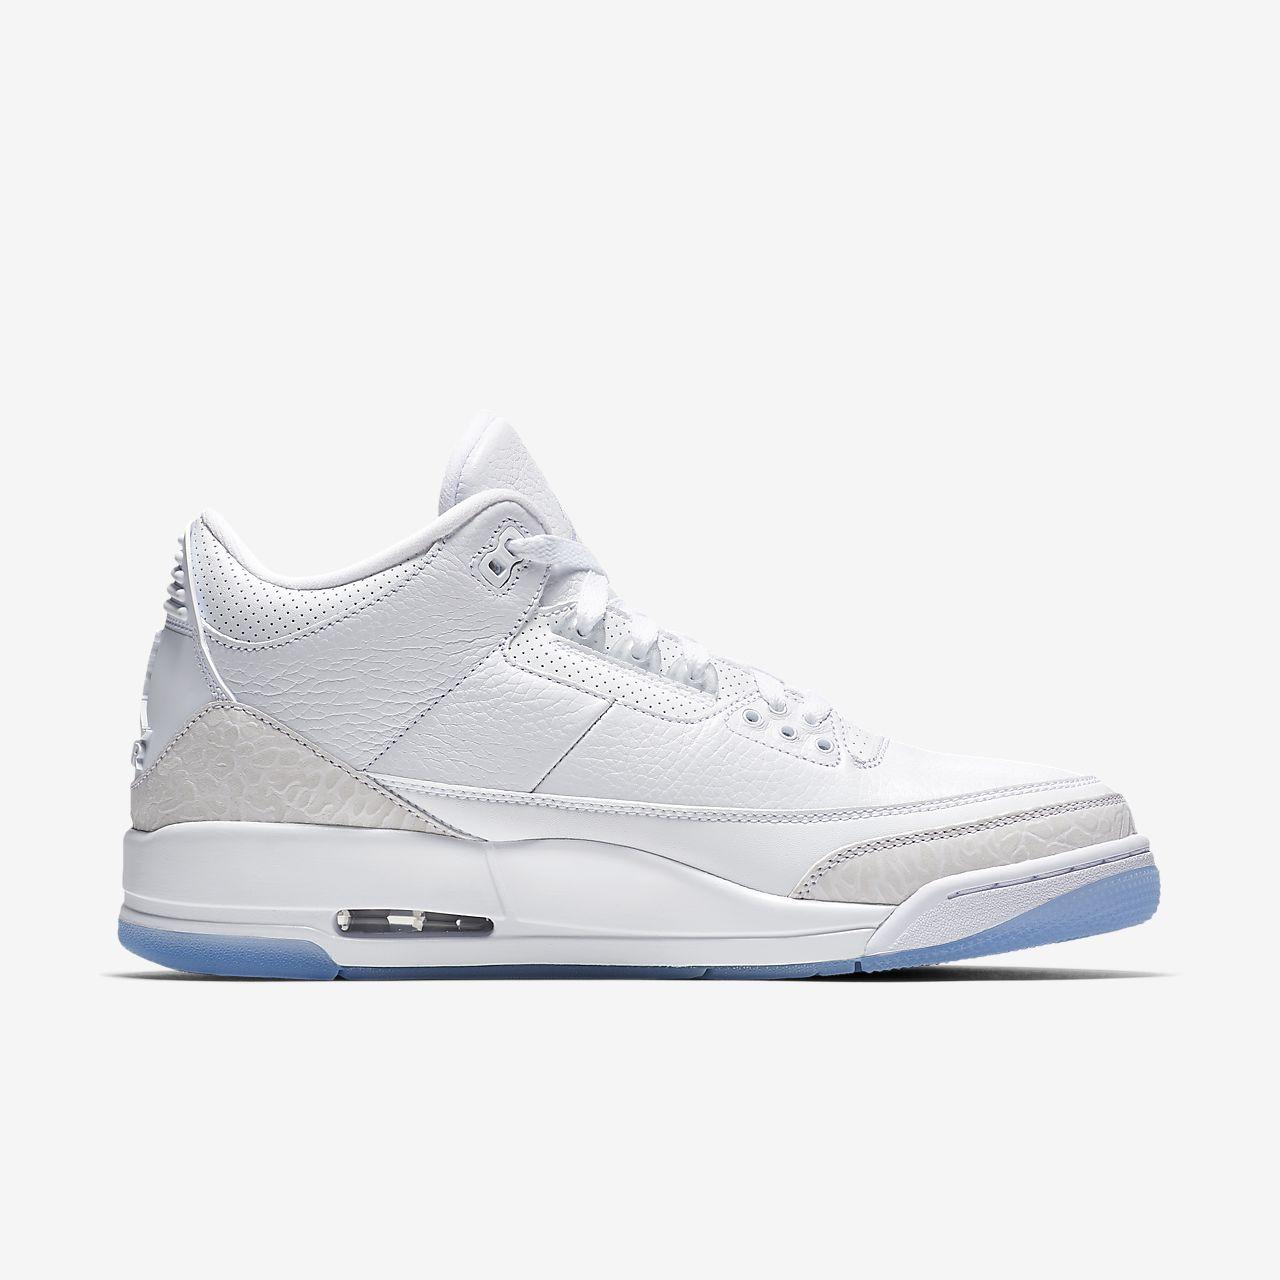 a996934f375271 Air Jordan 3 Retro Men s Shoe. Nike.com NO